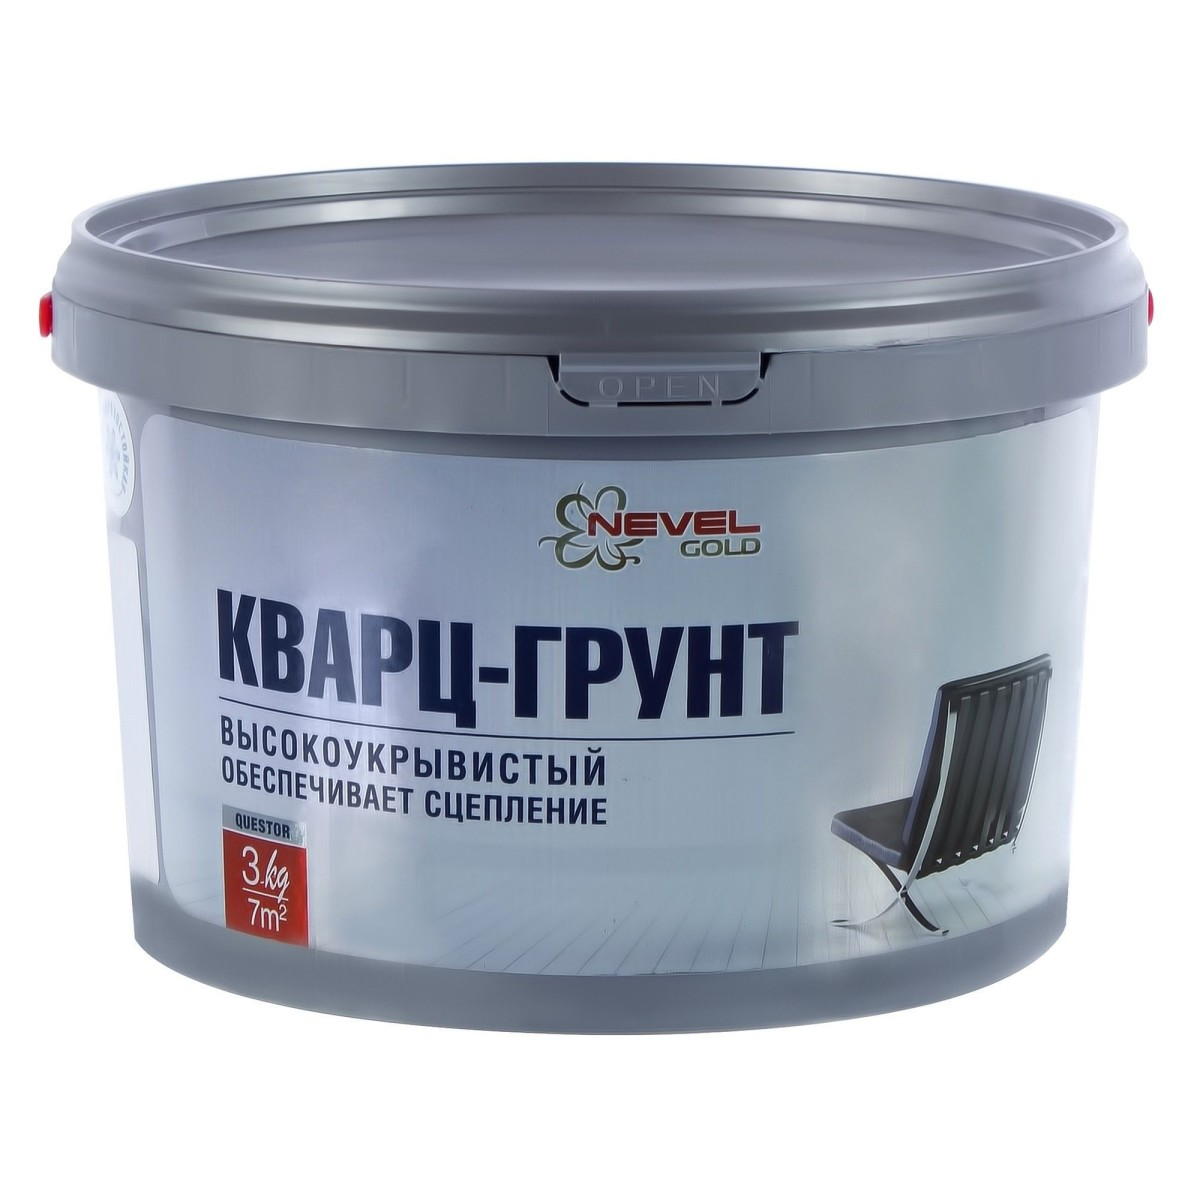 Грунт- кварц Questor 3 кг